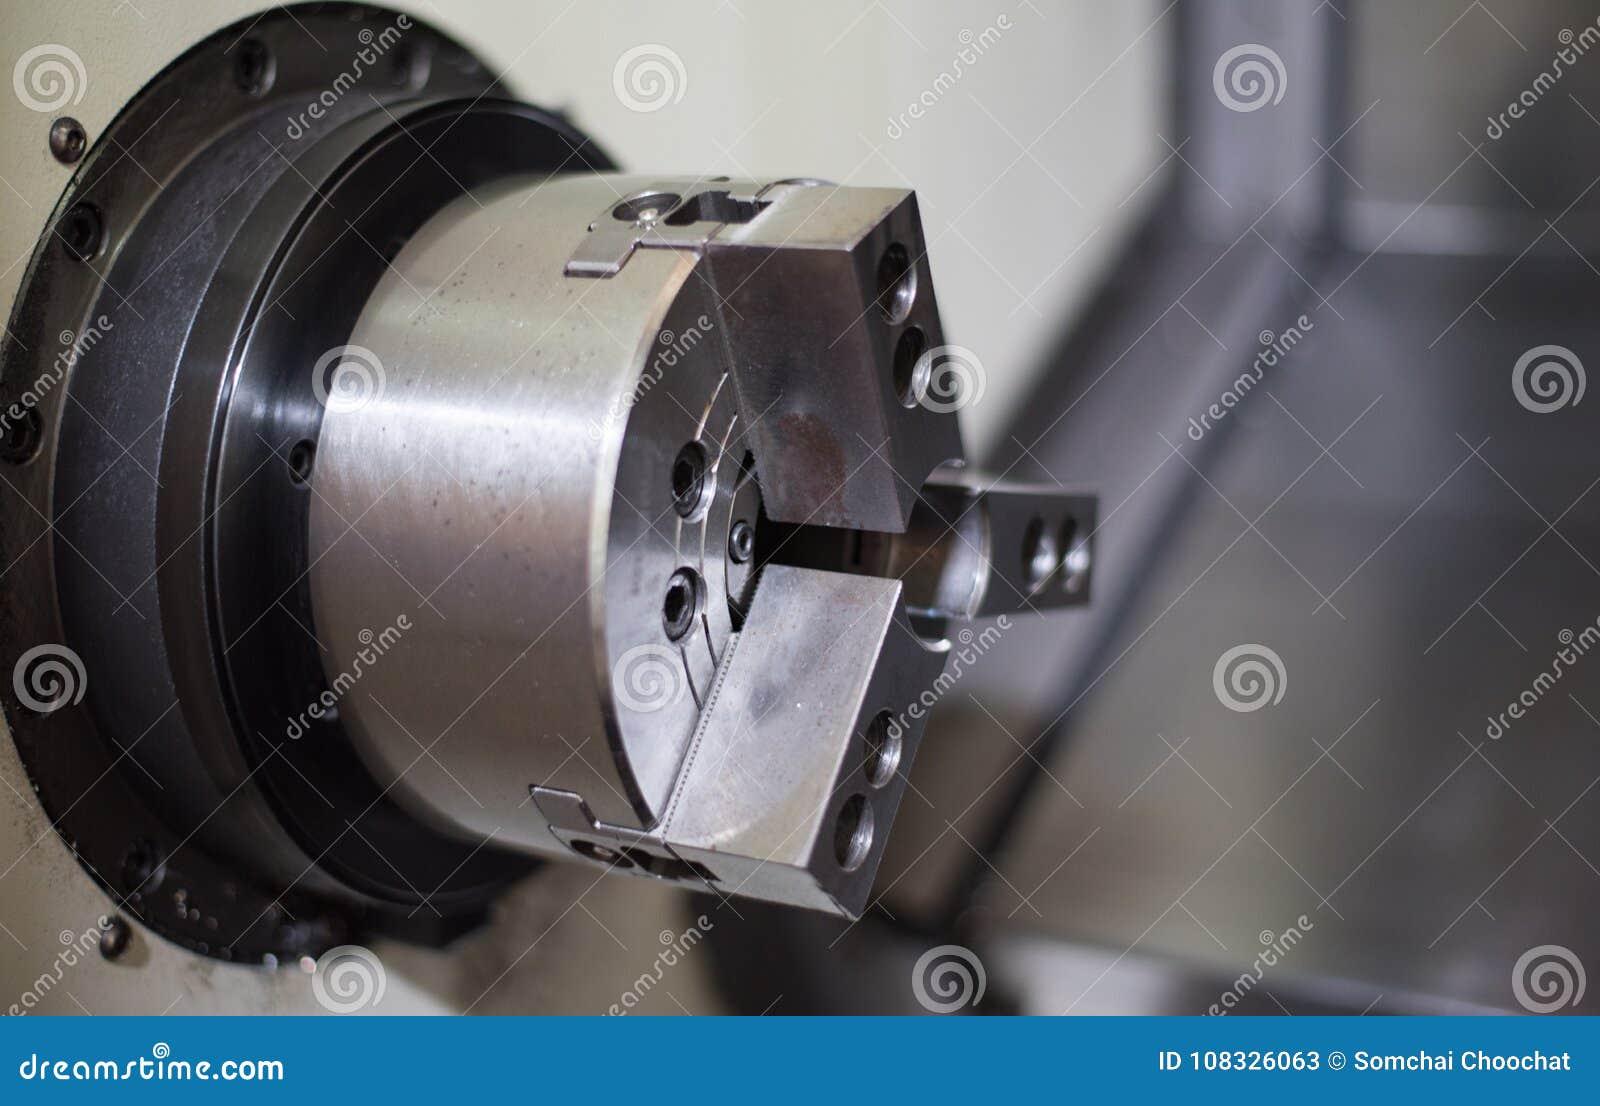 CNC tokarka w procesie produkcyjnym